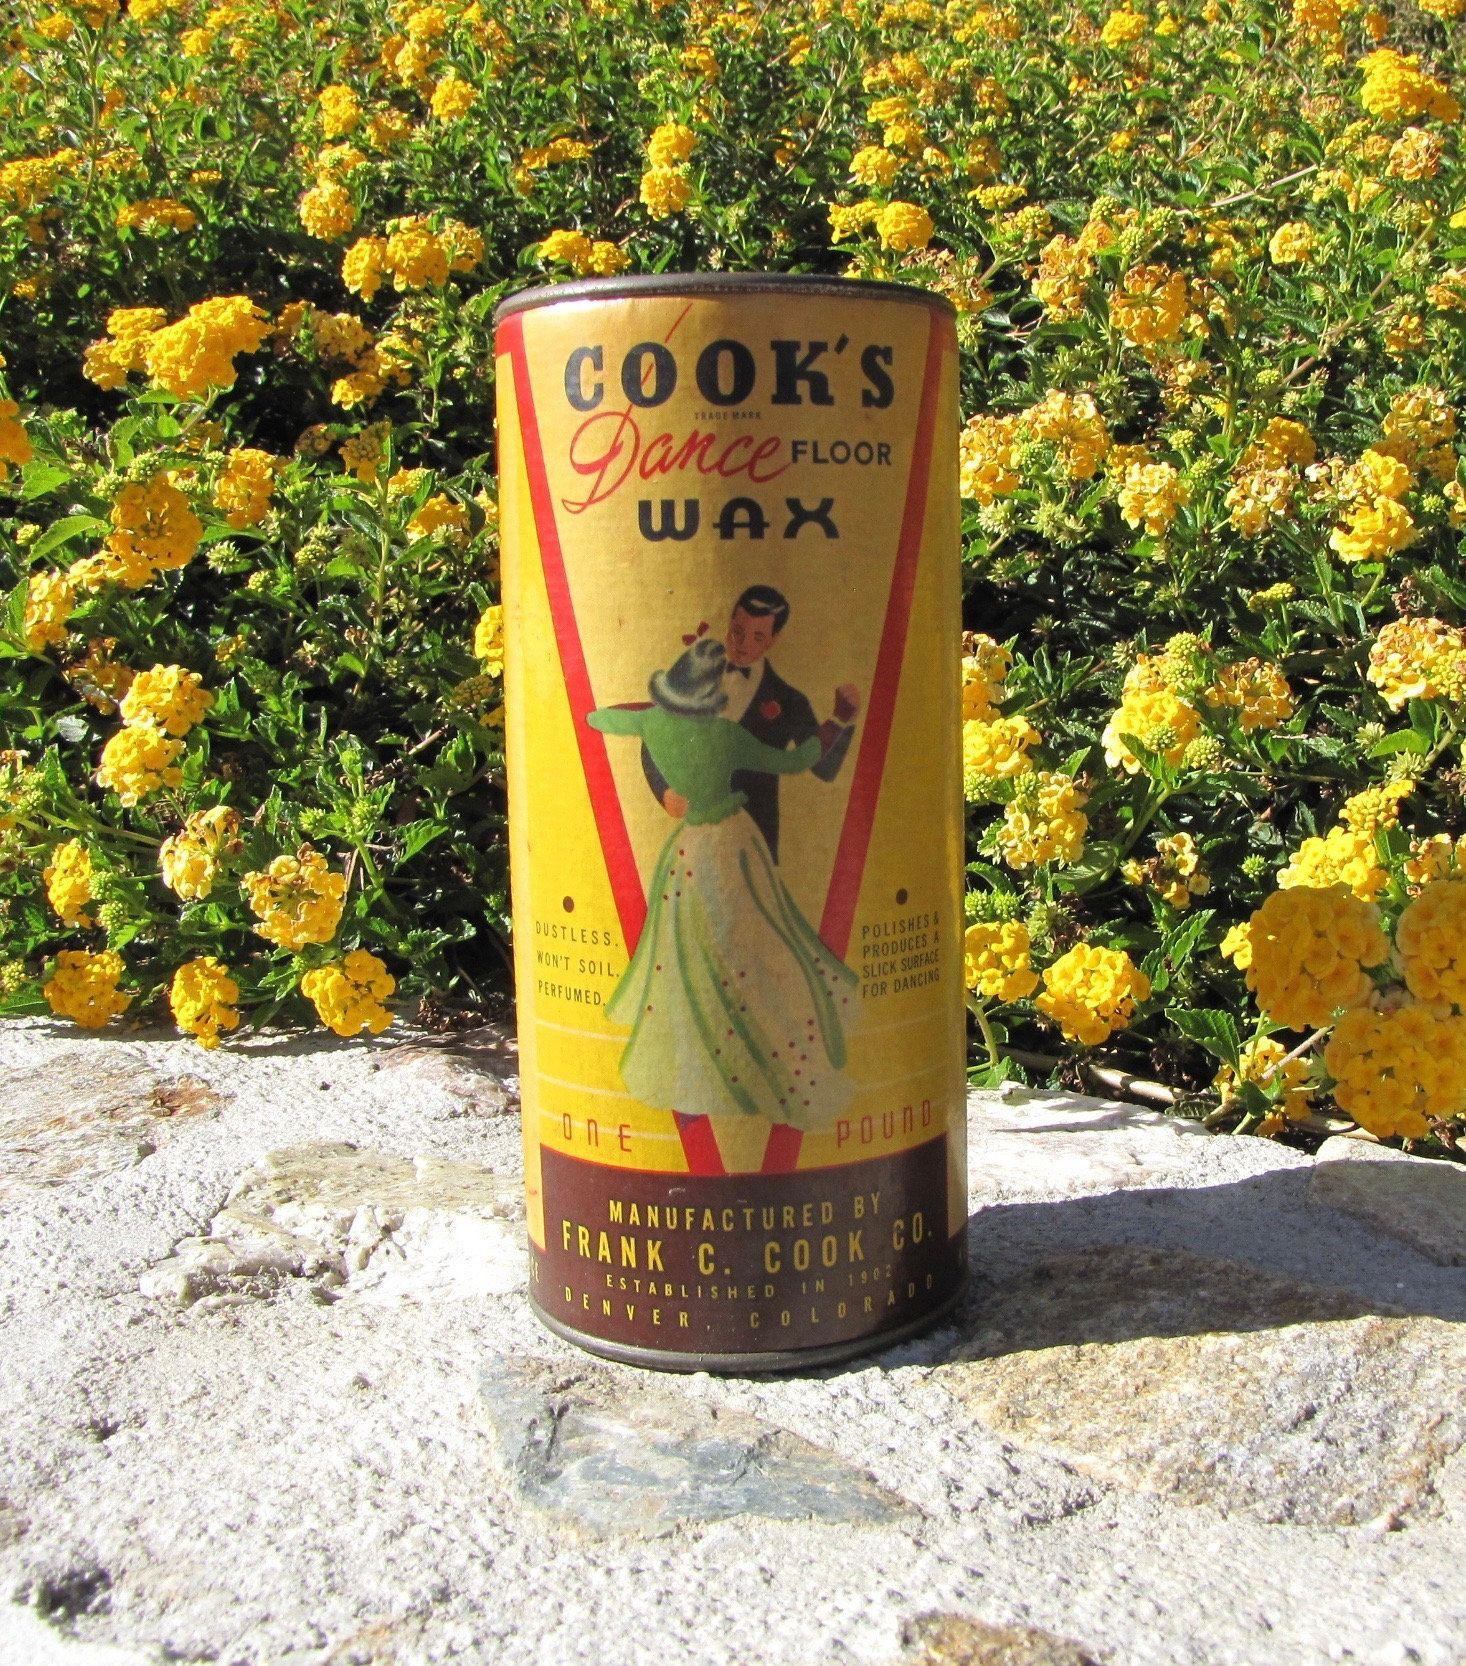 Vintage Cooks Dance Wax Vintage Advertising Wood Floor Wax